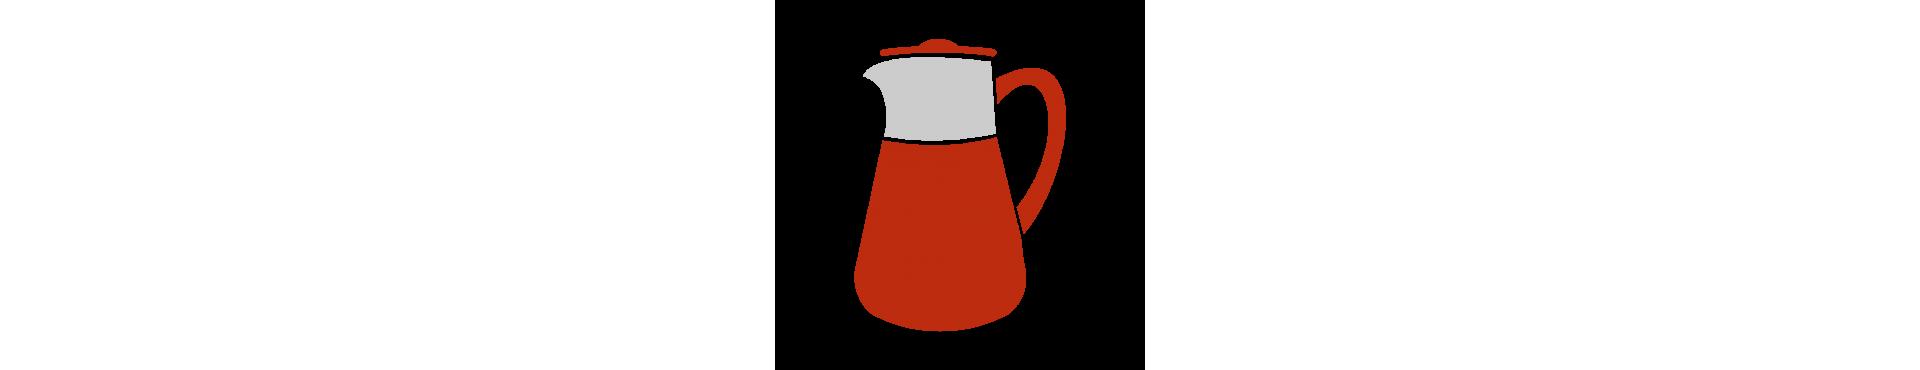 Tazze da tè e teiere in vetro Finum